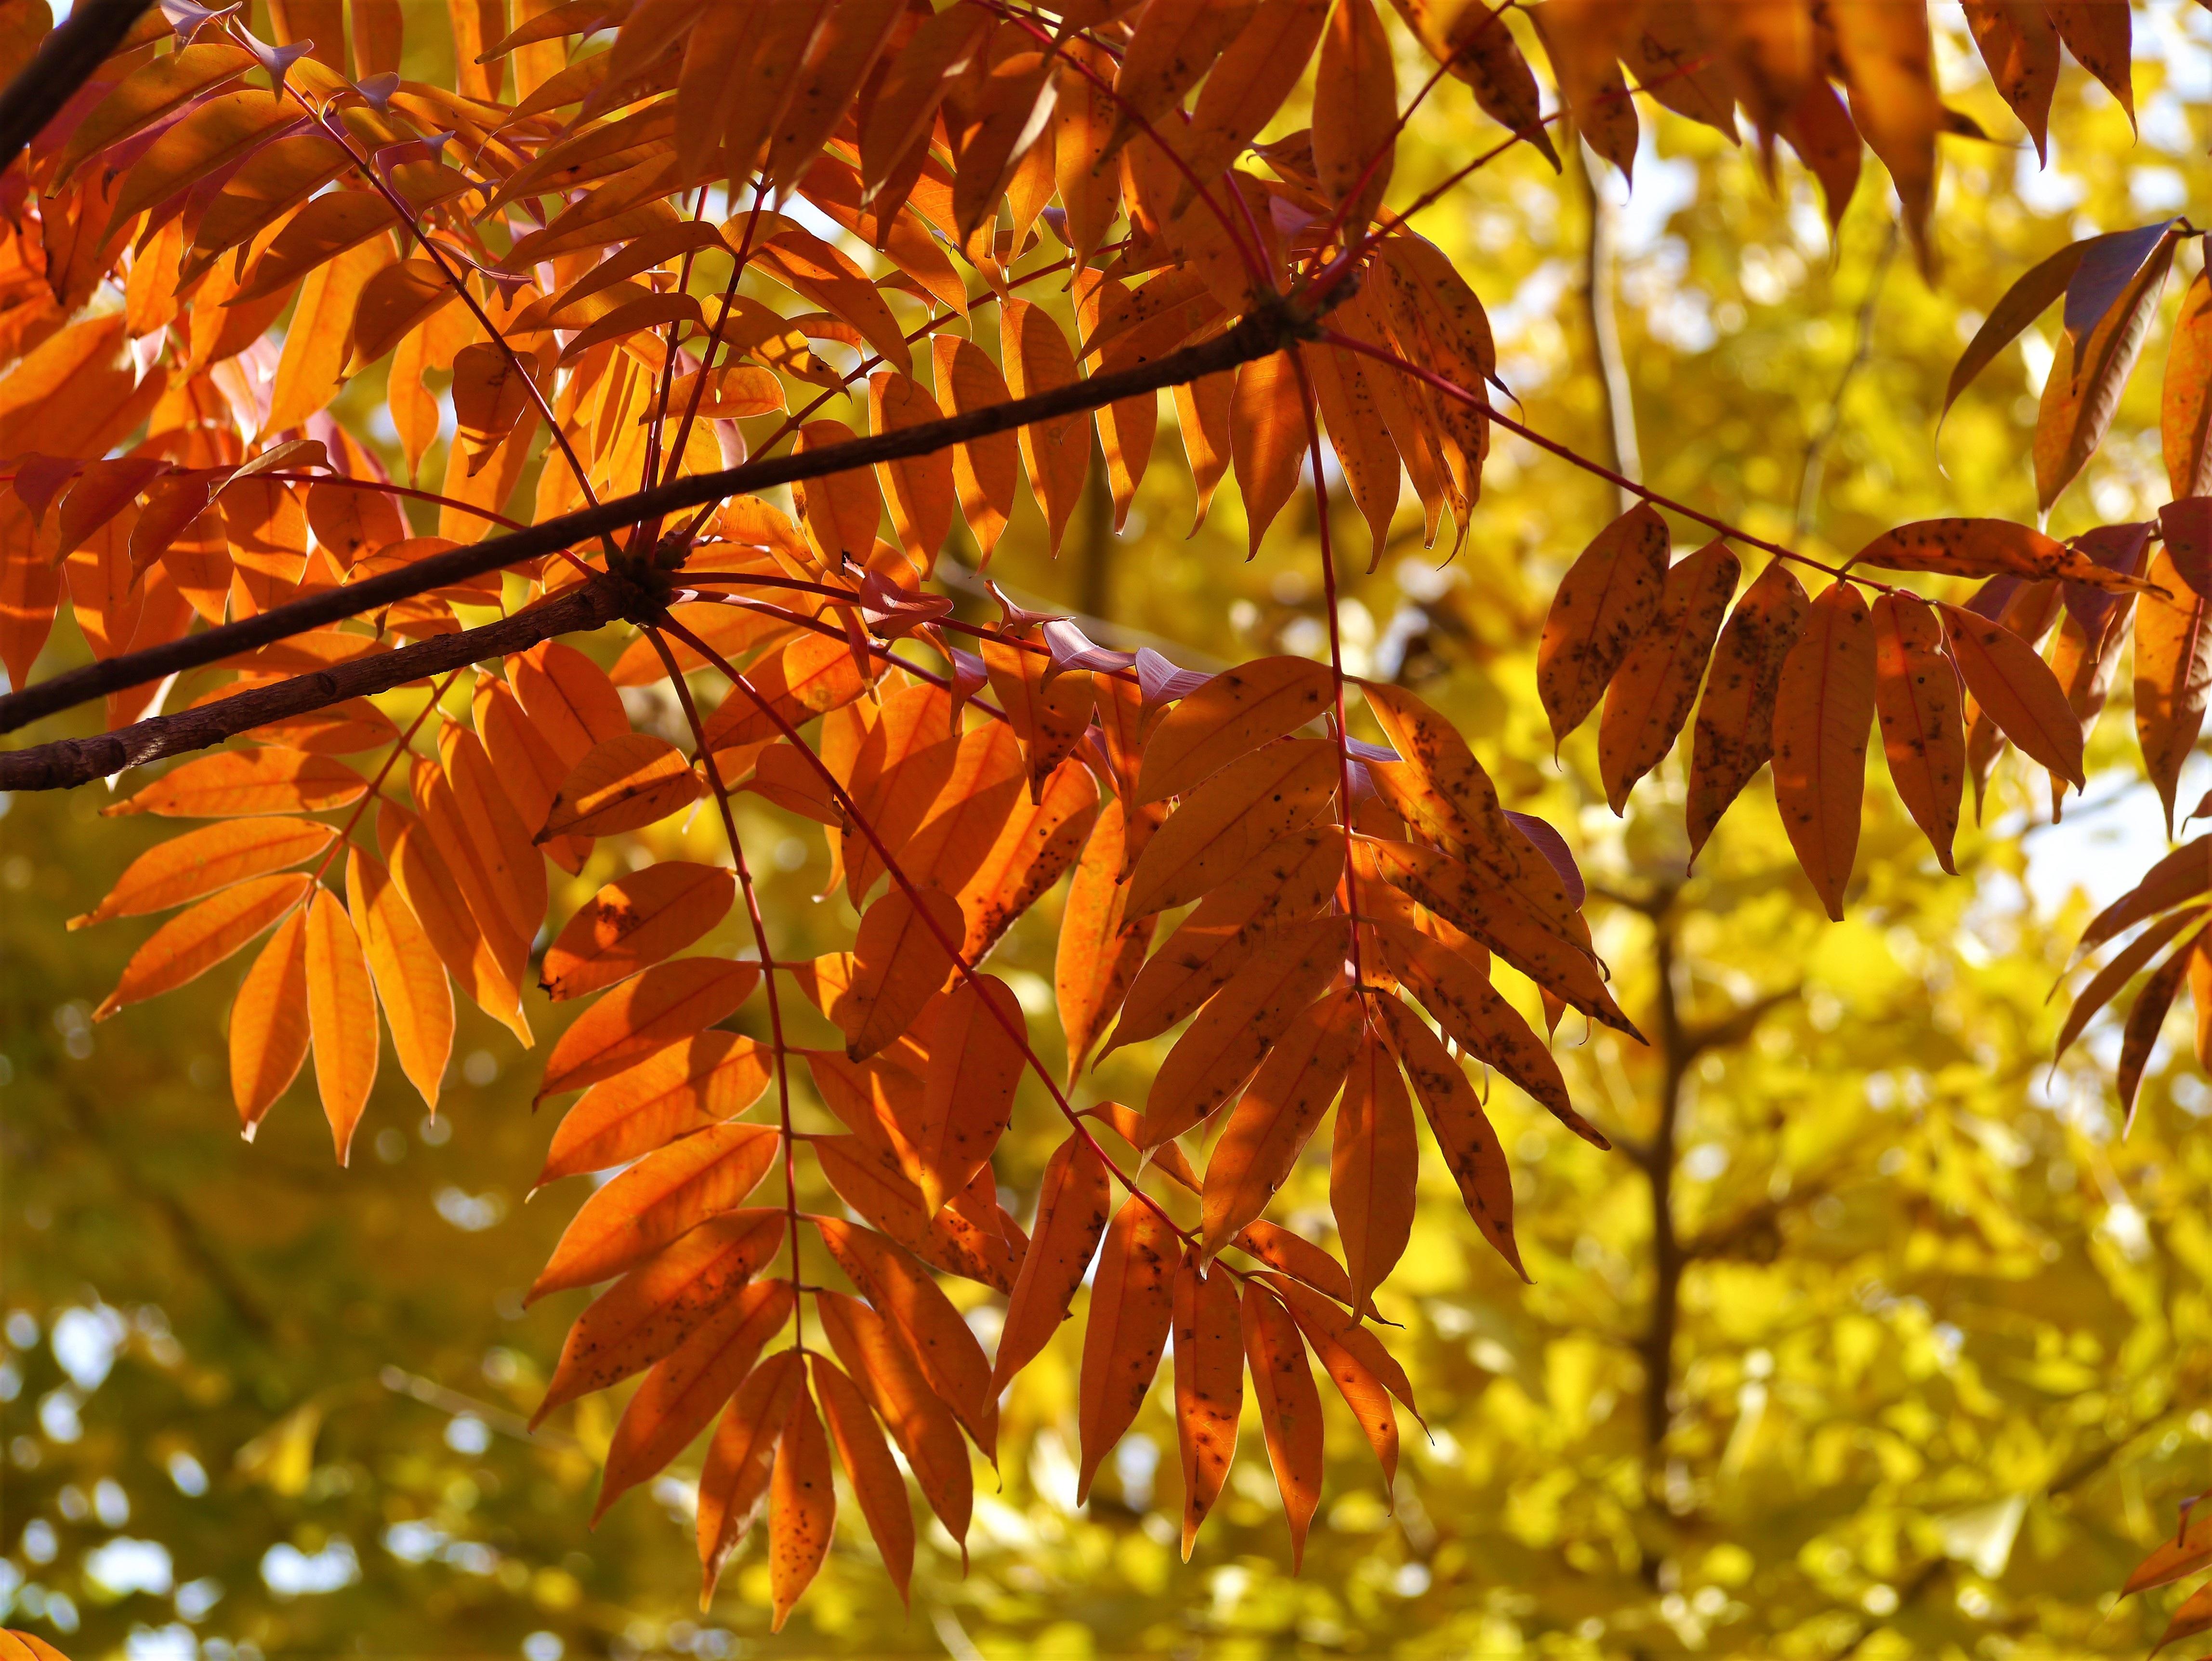 осенние листья и деревья фото здесь очень много